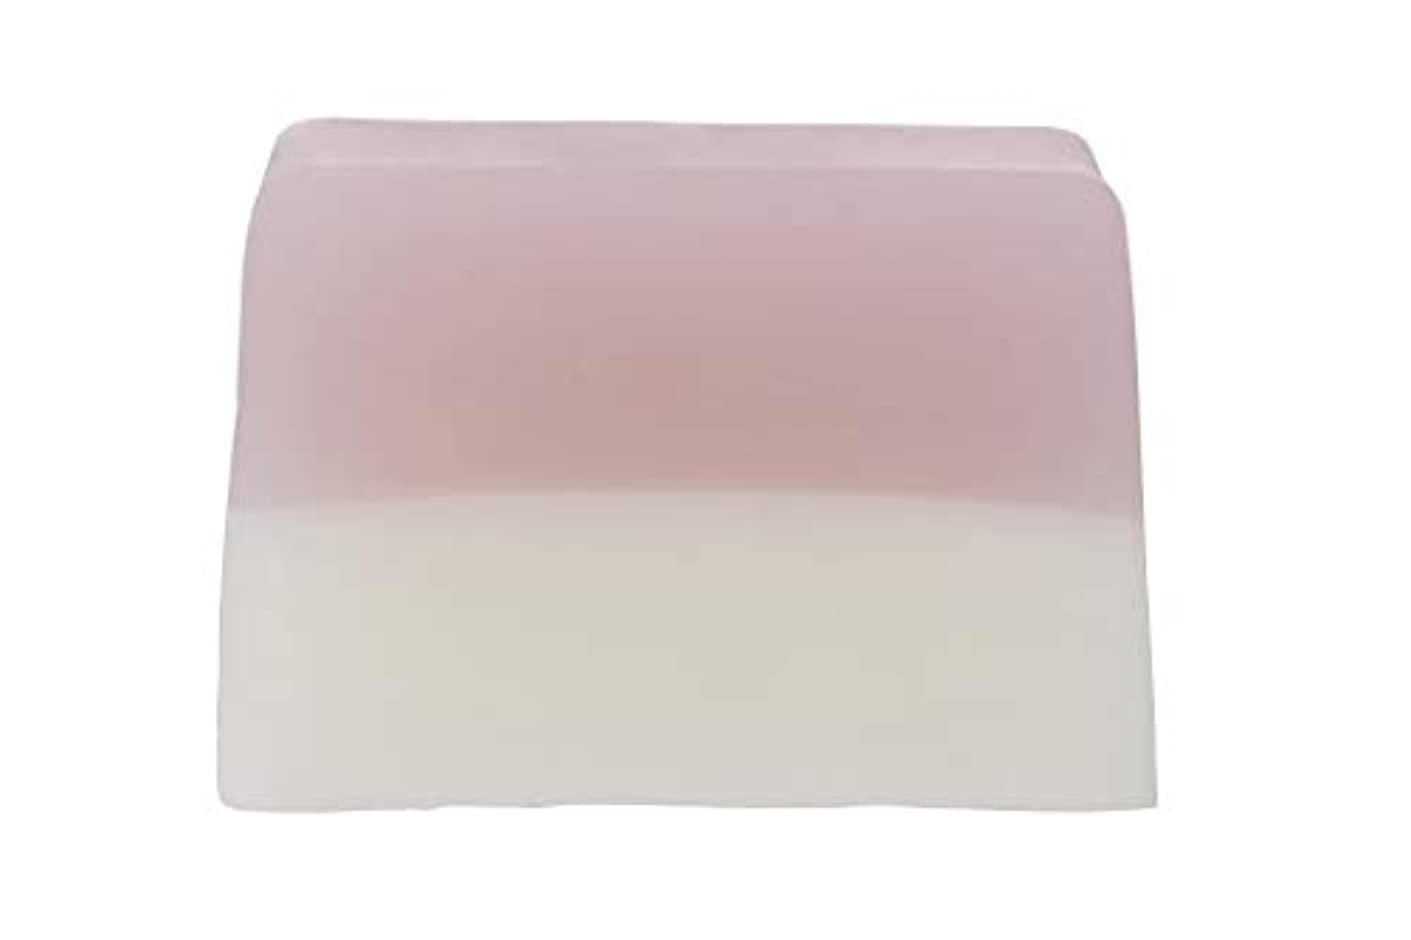 雄大なアクセス冷ややかなROSE LABO(ローズラボ) 24ROSE ナチュラルソープR〈枠練り石鹸〉 100g